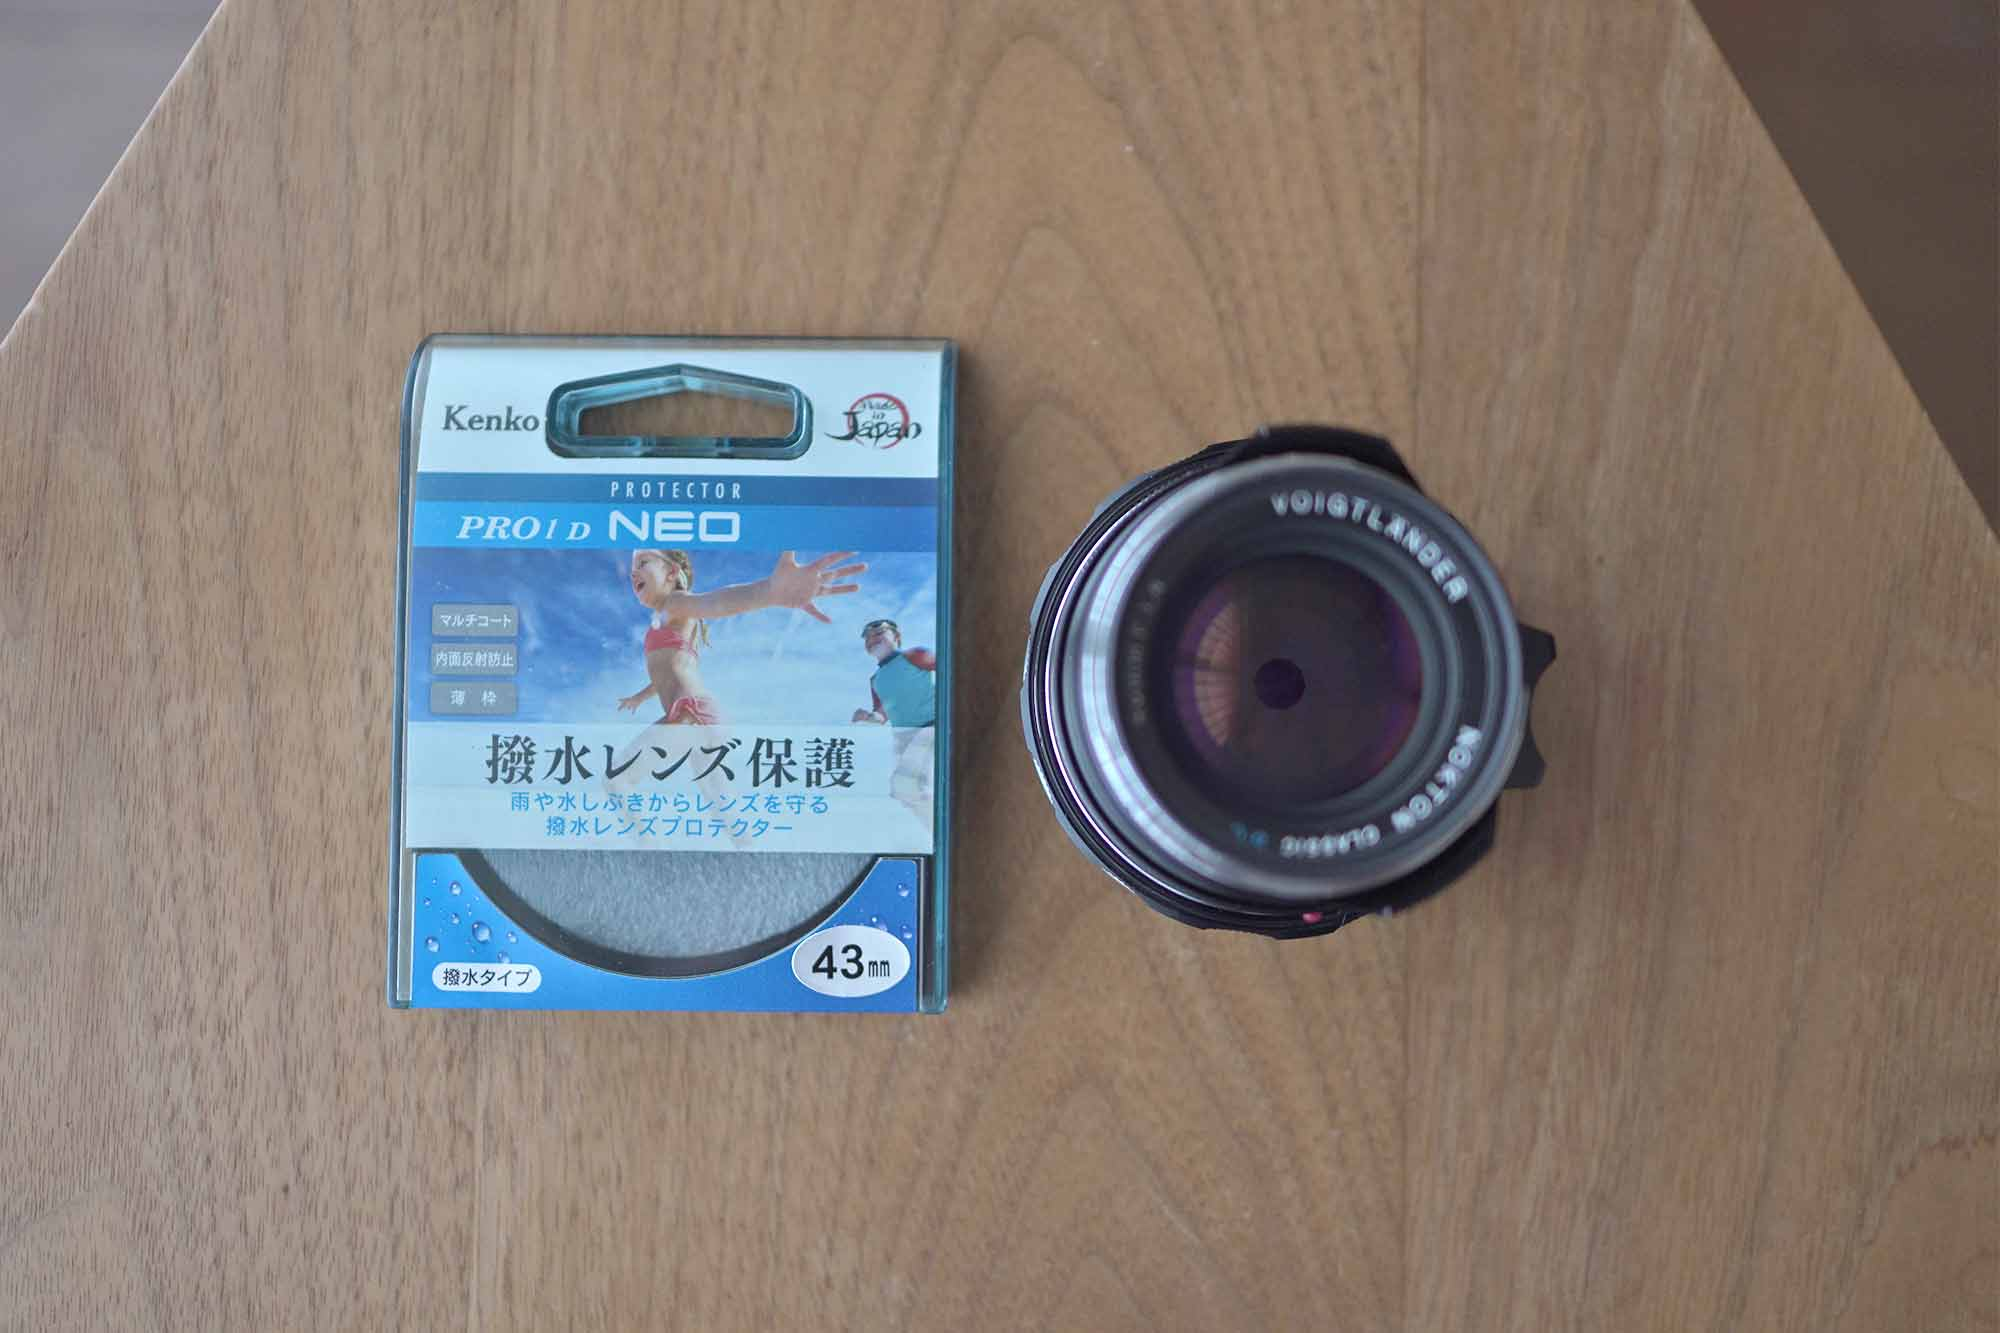 フォクトレンダー,カメラ,レンズ,クラシック,オールドレンズ,40mm,f1.4,43mm,レンズ径